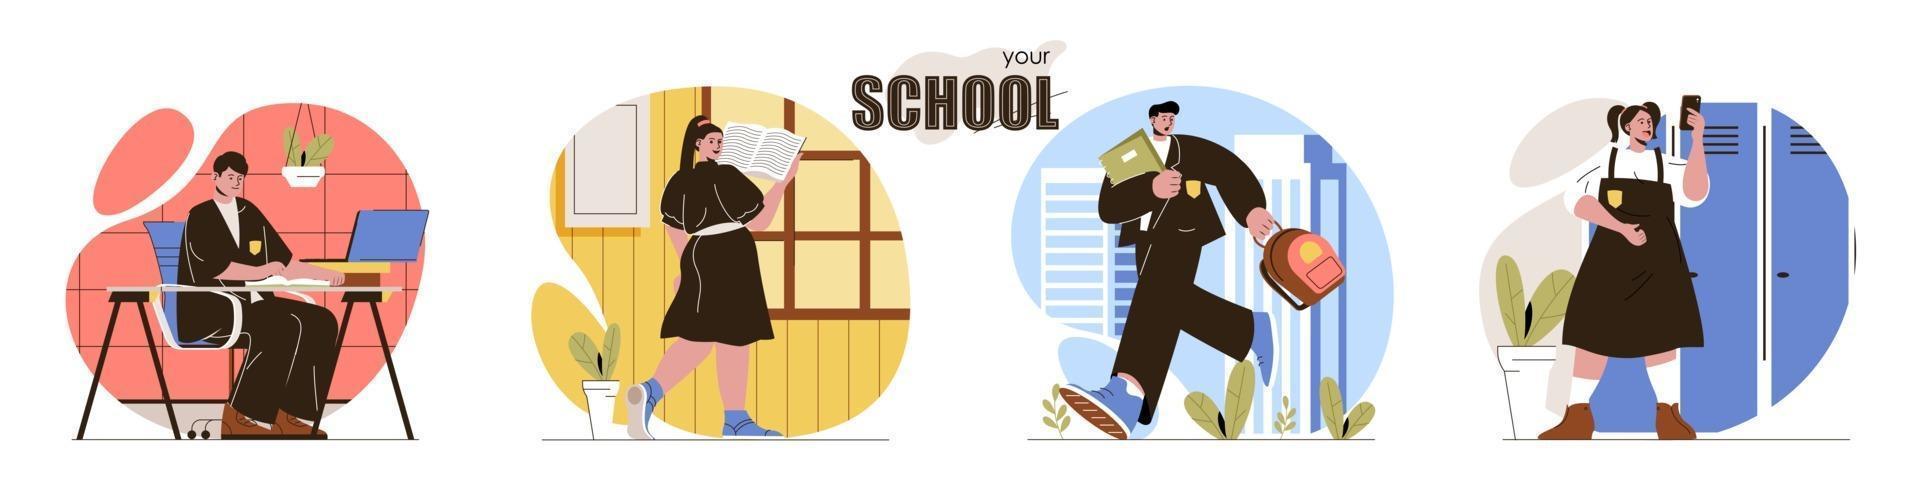 Your School concept scenes set vector